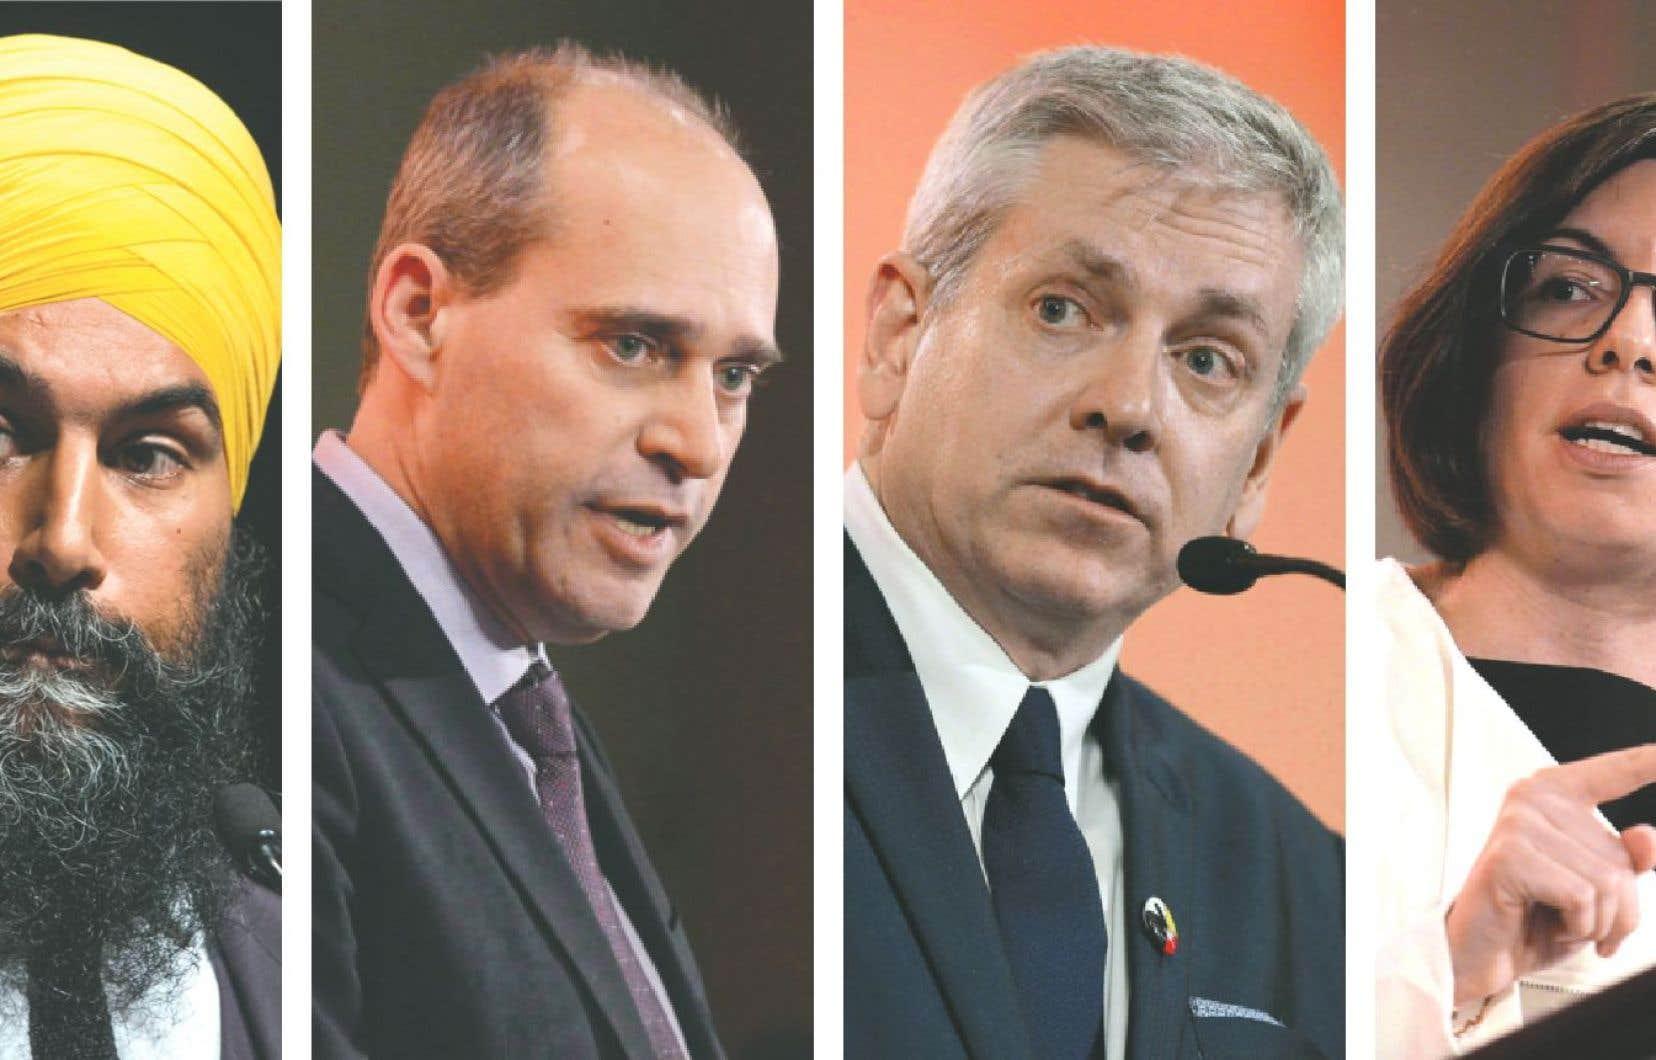 Les quatre candidats en lice pour succéder à Thomas Mulcair, de gauche à droite: Jagmeet Singh, Guy Caron, Niki Ashton et Charlie Angus